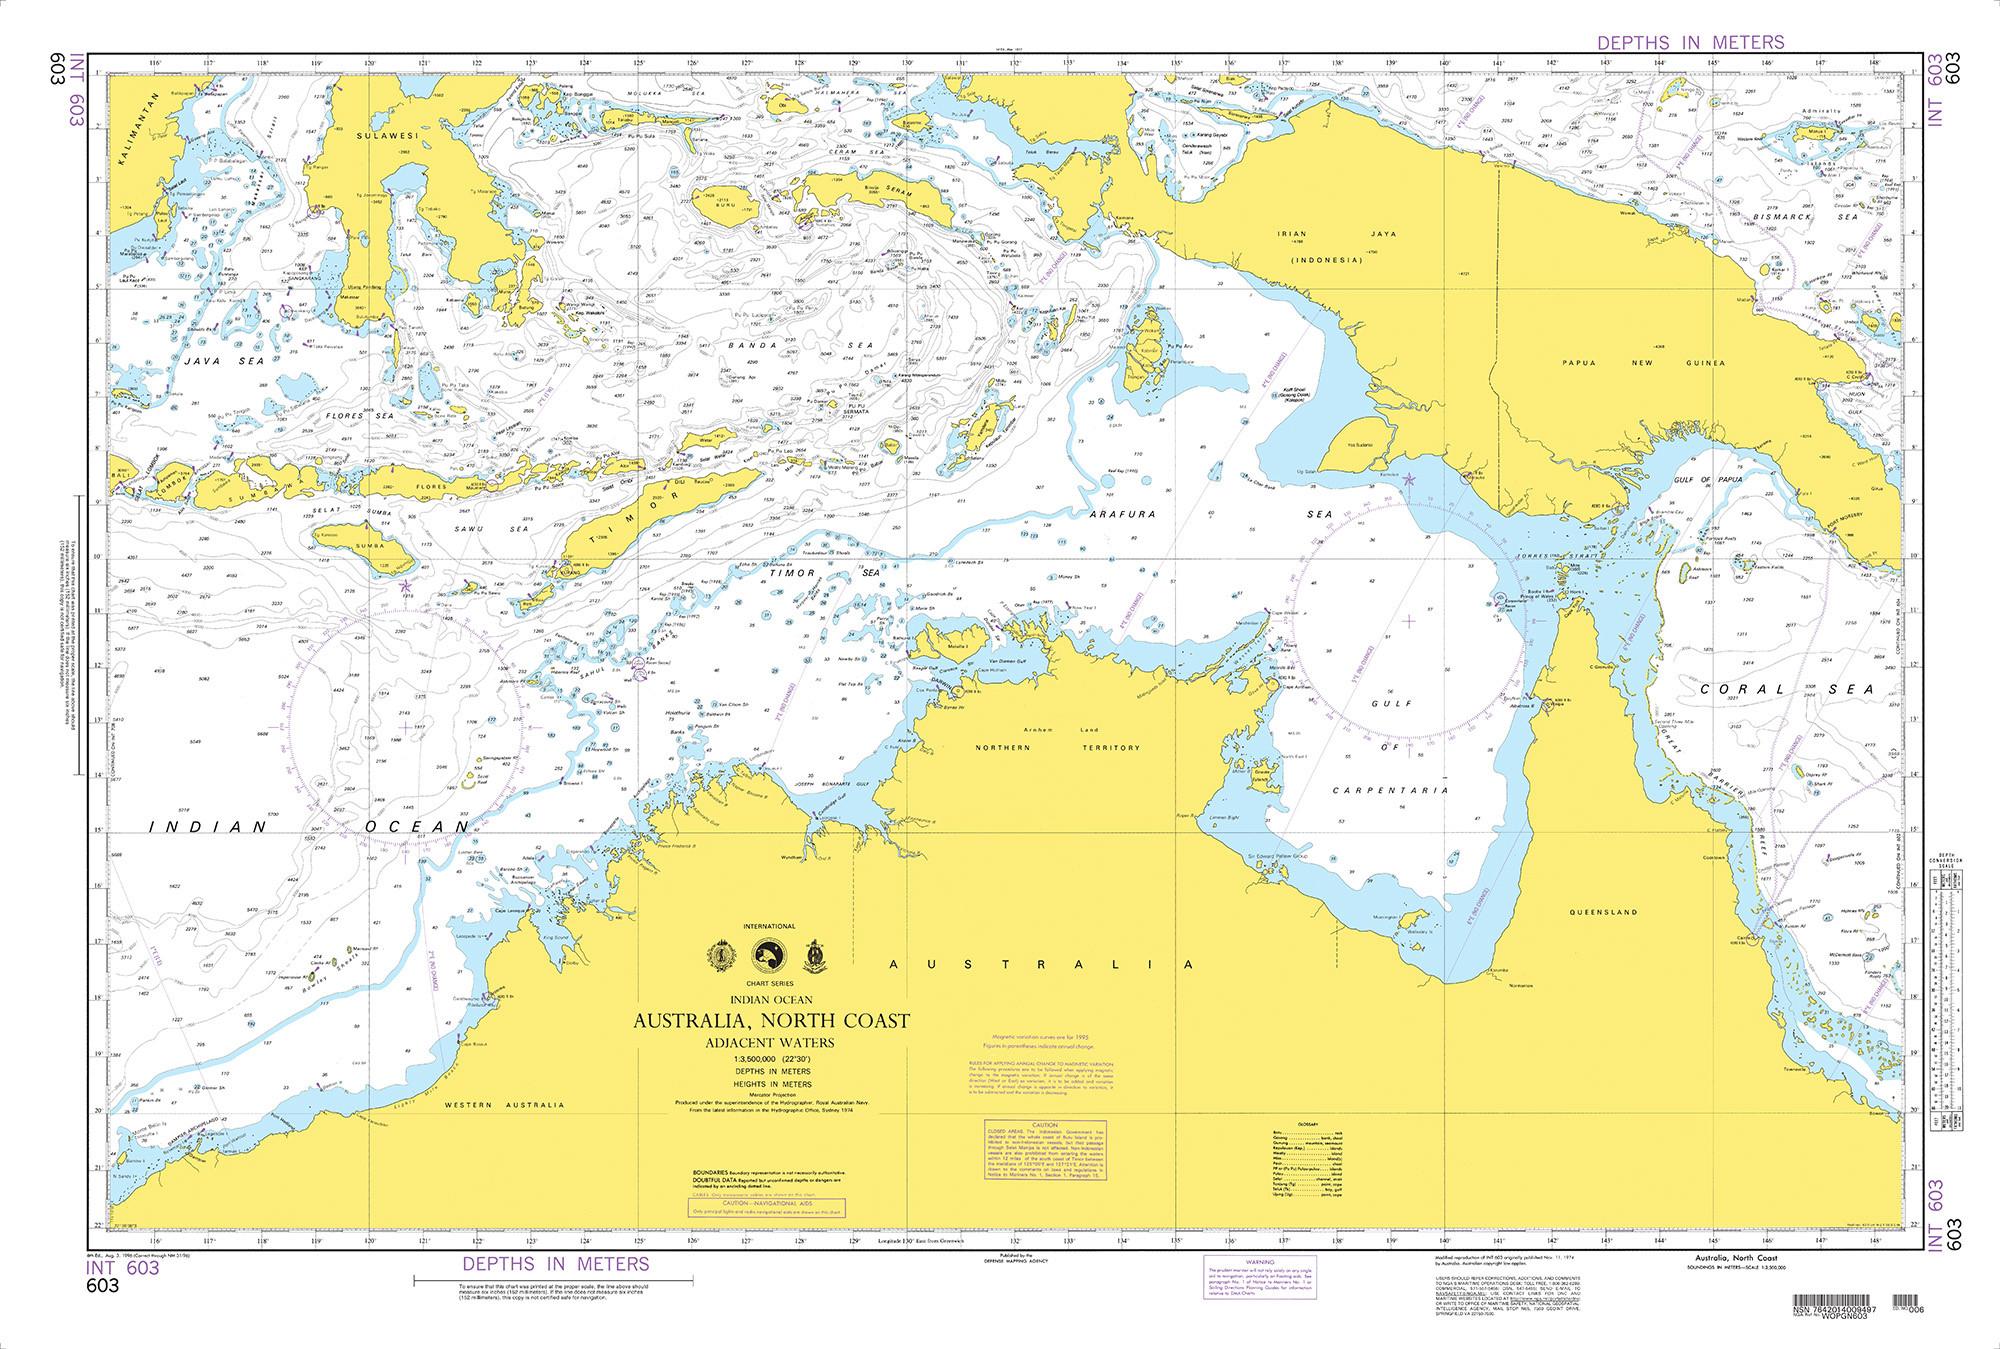 NGA Nautical Chart - 603 Australia, North Coast-Adjacent Waters